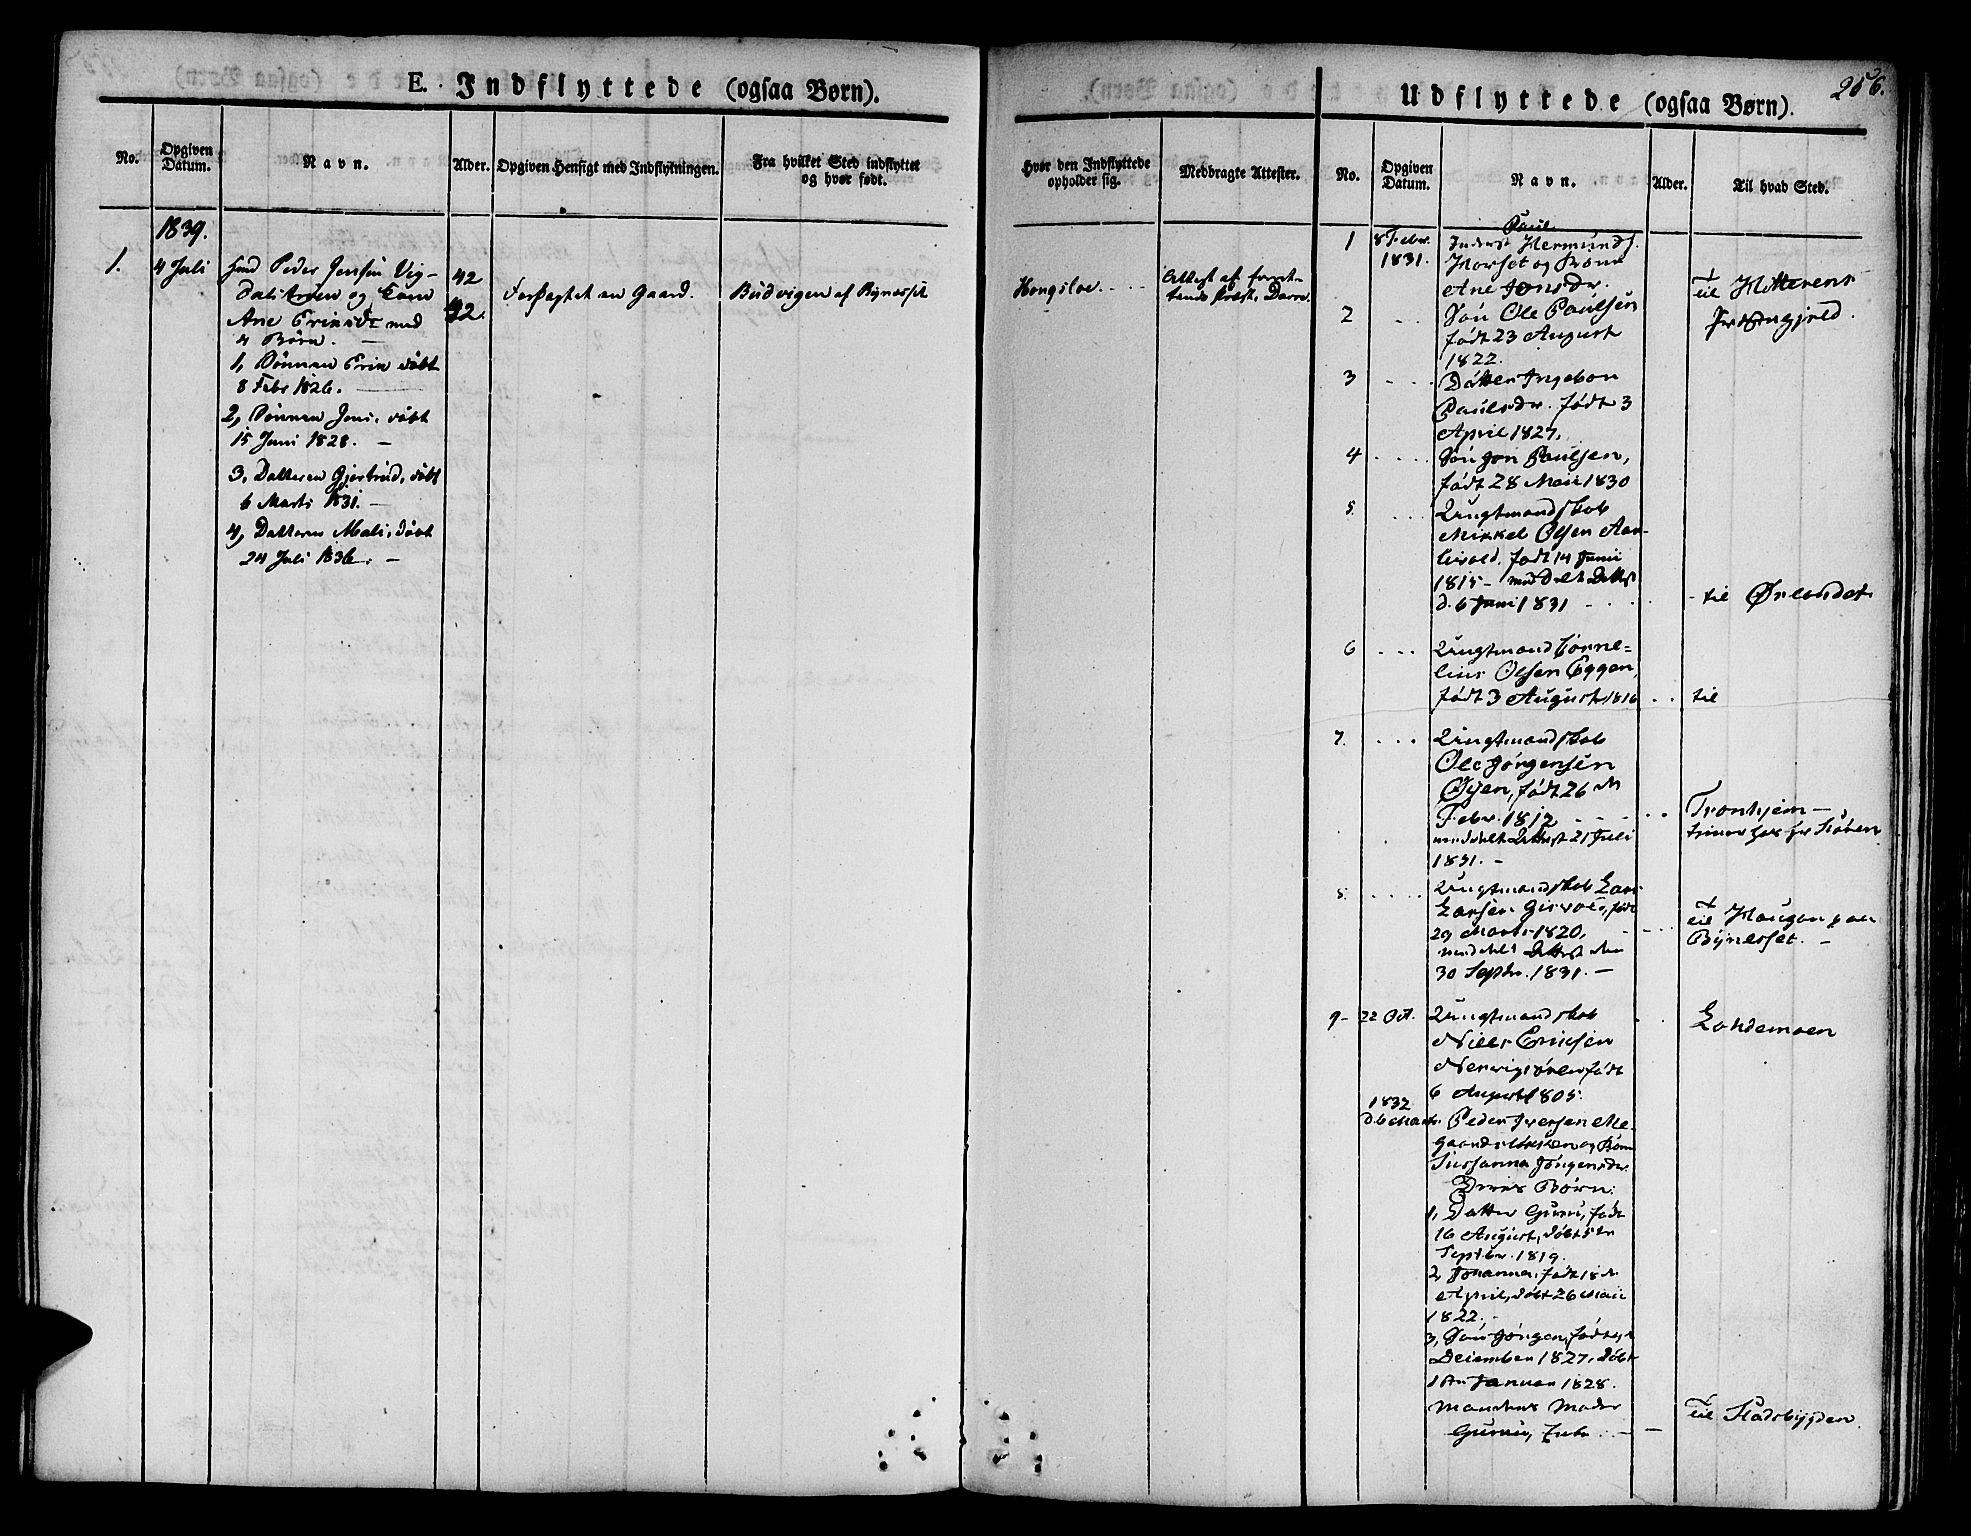 SAT, Ministerialprotokoller, klokkerbøker og fødselsregistre - Sør-Trøndelag, 668/L0804: Ministerialbok nr. 668A04, 1826-1839, s. 256